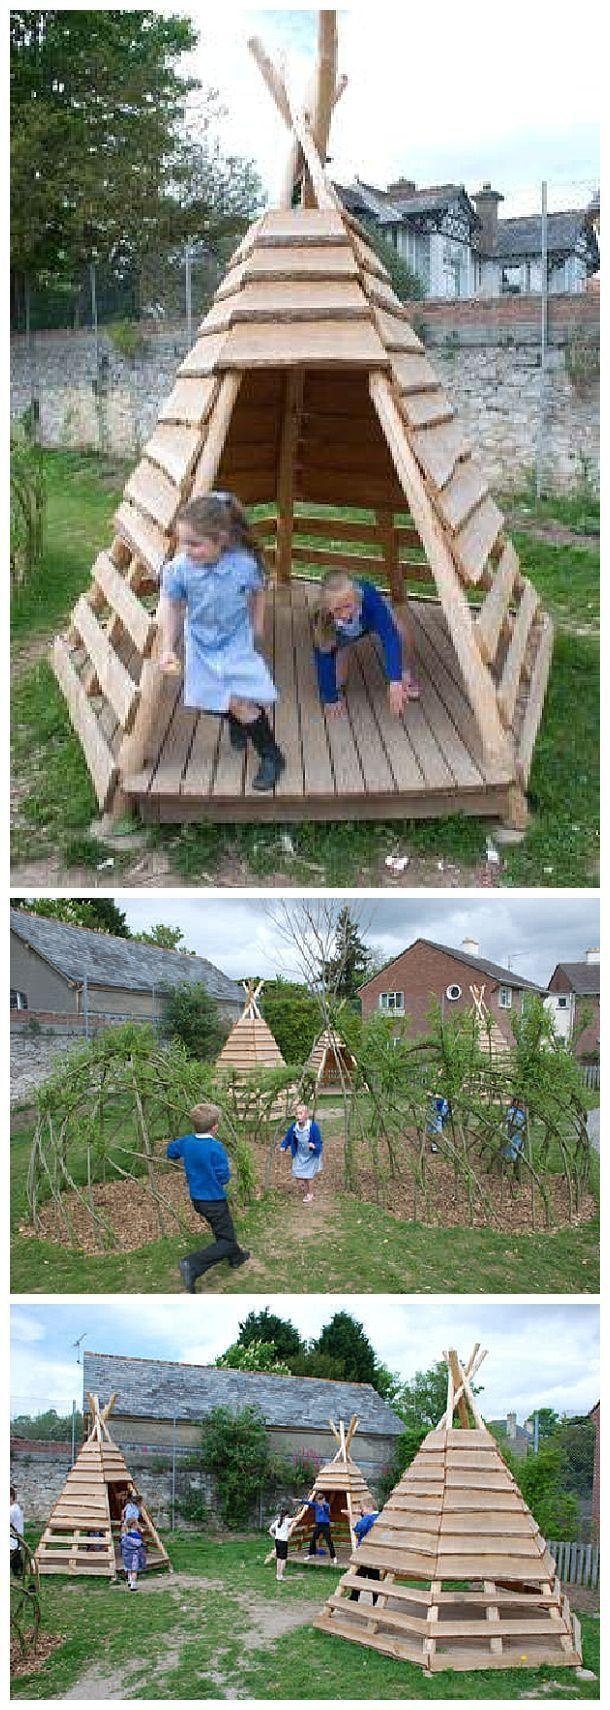 DIY-Palettenprojekte {Die besten aufgearbeiteten Holz-Upcycle-Ideen} #aufgearbe… #WoodWorking